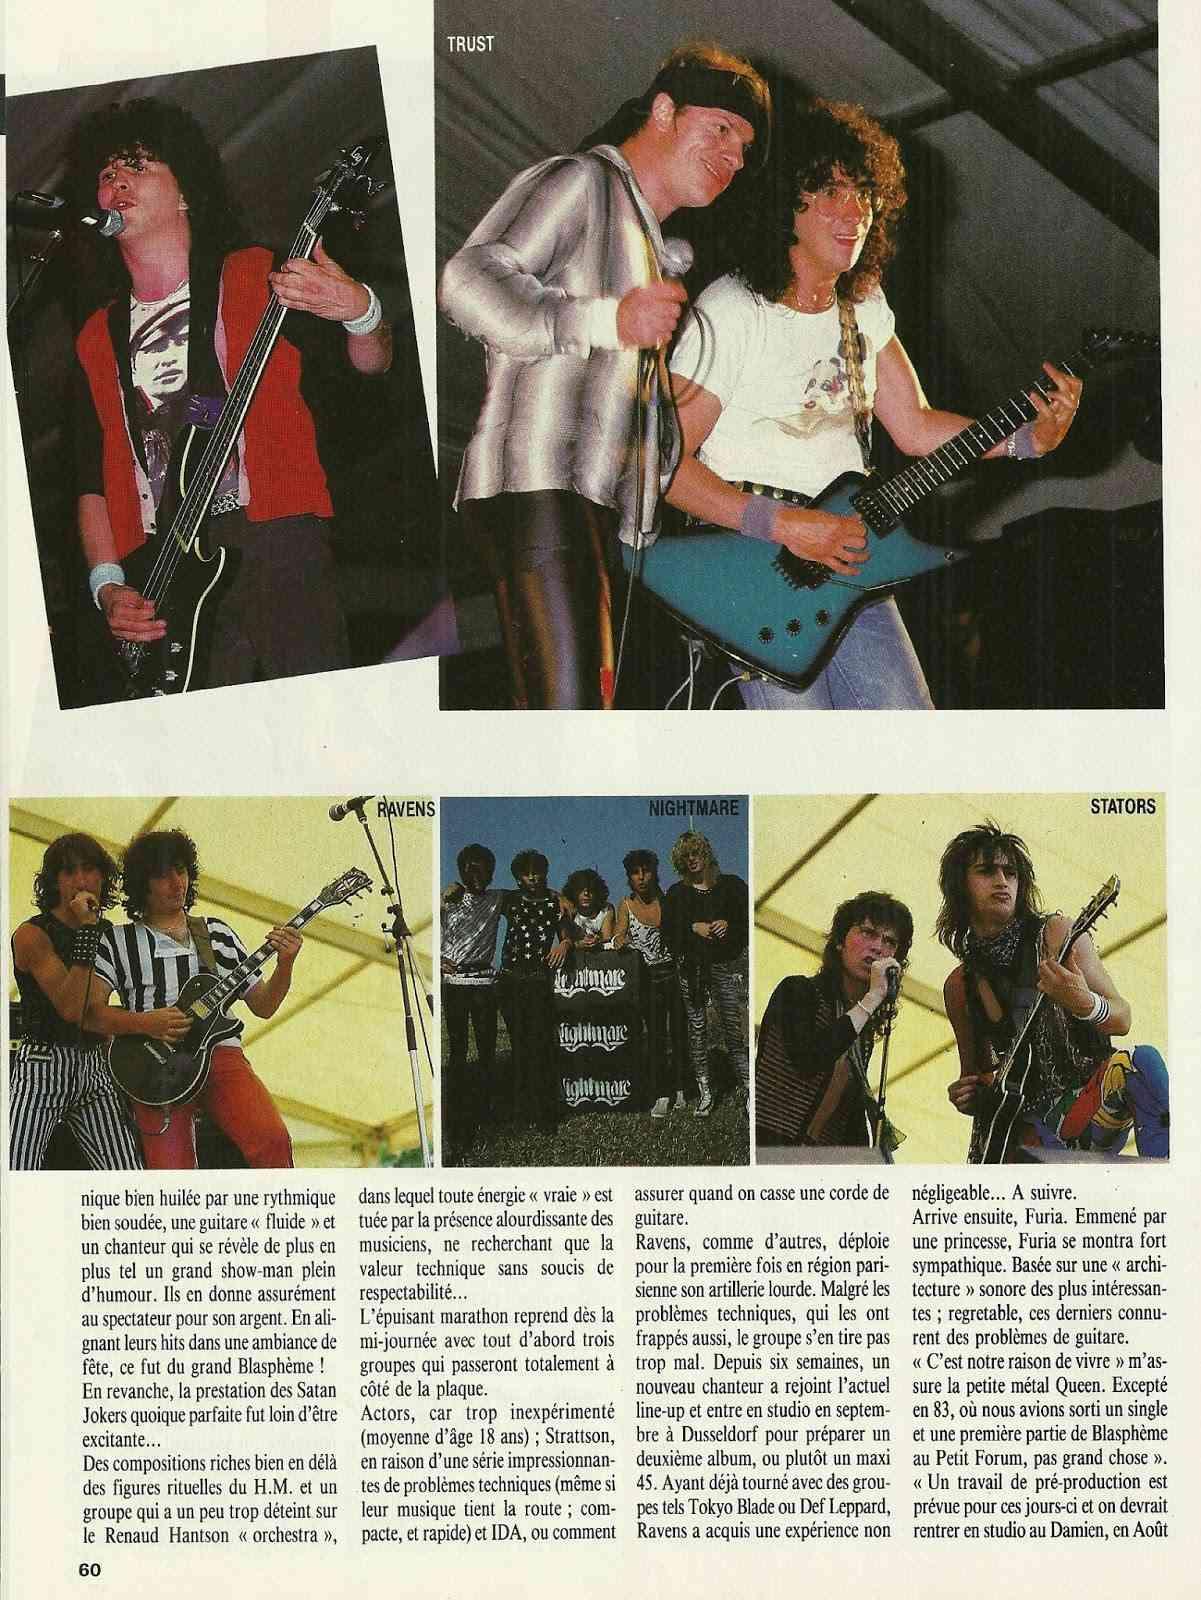 """FRANCE FESTIVAL à Choisy le Roi les 6 et 7 juillet 1985 (Chronique d'une belle aventure) """"Metal Attack"""" Juillet 1985  Numyri34"""